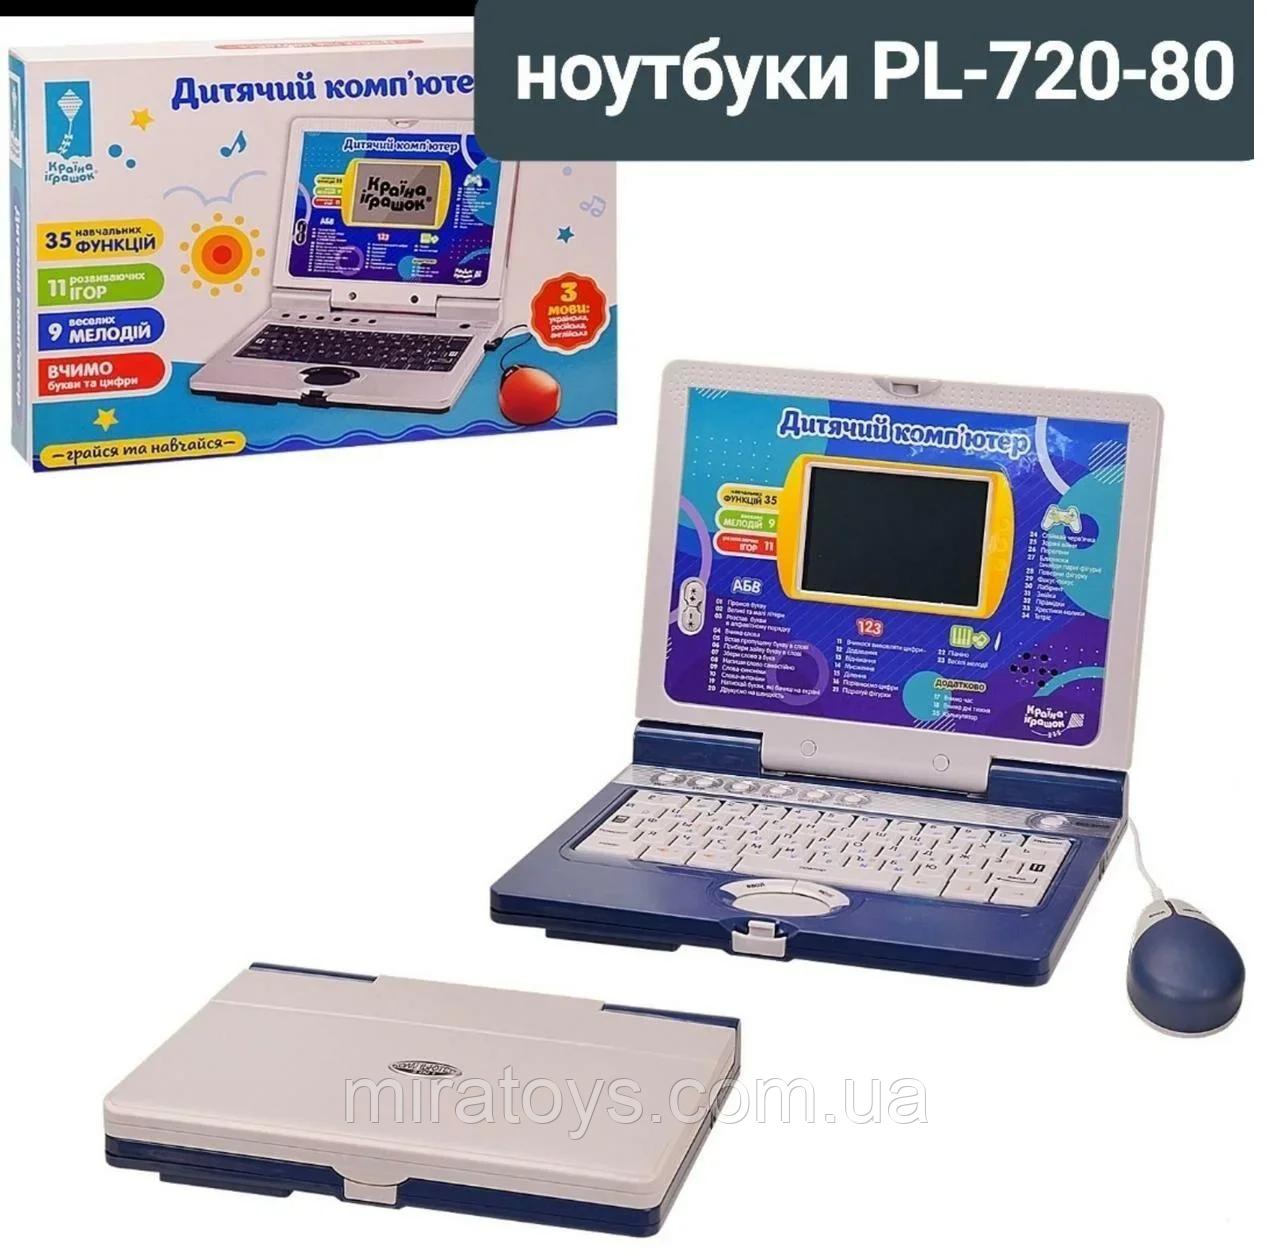 Дитячий комп'ютер-ноутбук PL-720-80 російською, українською та англійською мовами (35 функцій)